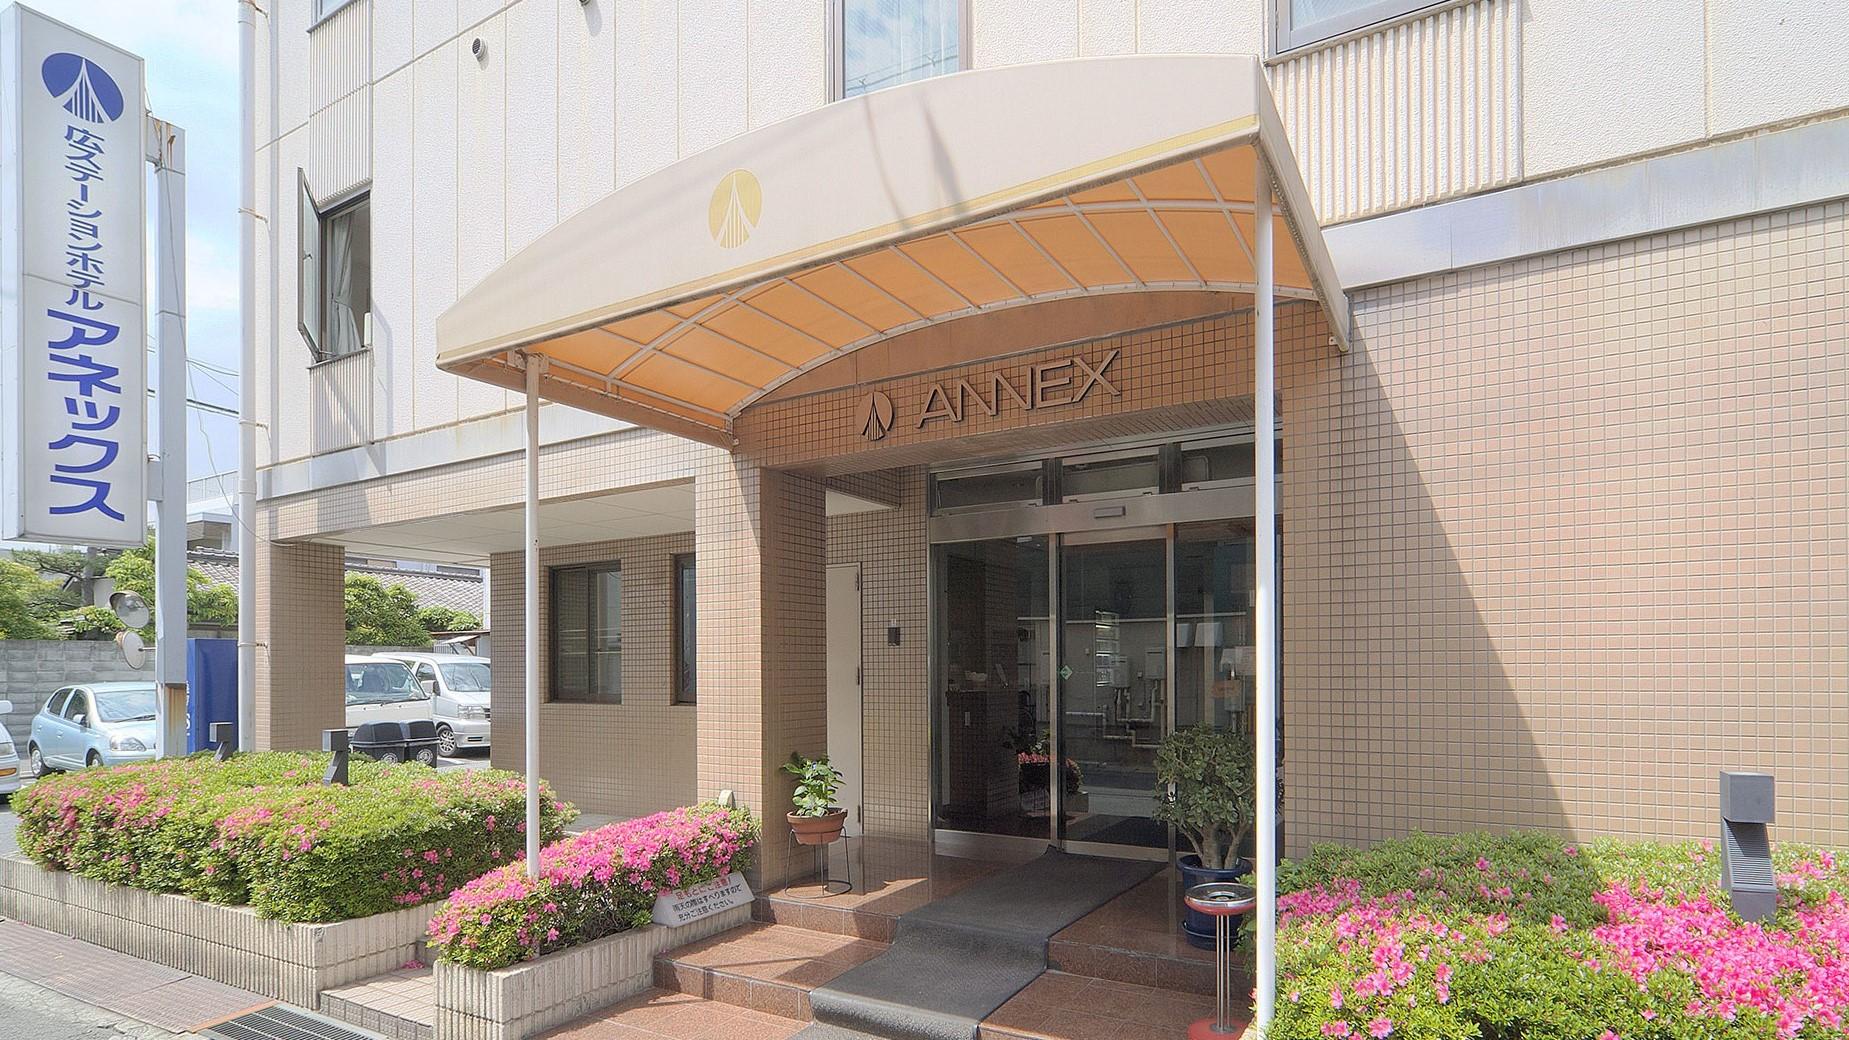 広ステーションホテル アネックス